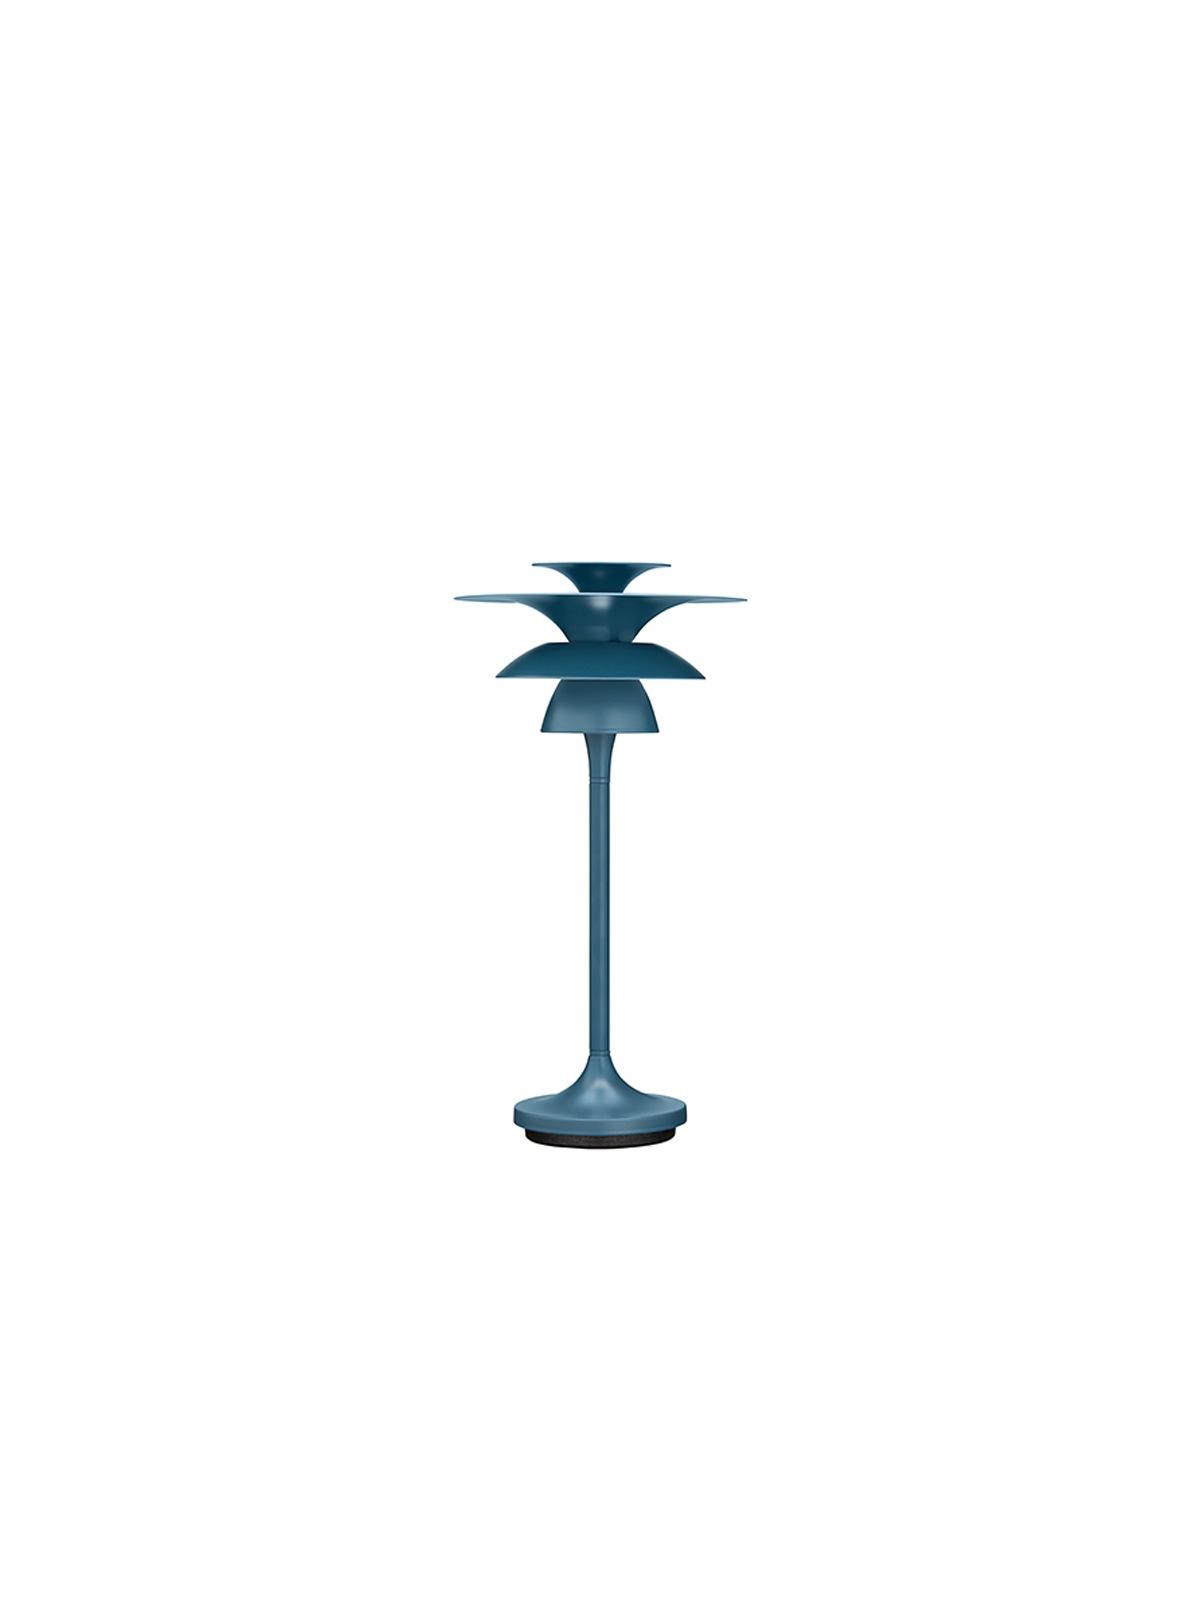 Picasso T blaue Lampe Belid Designort